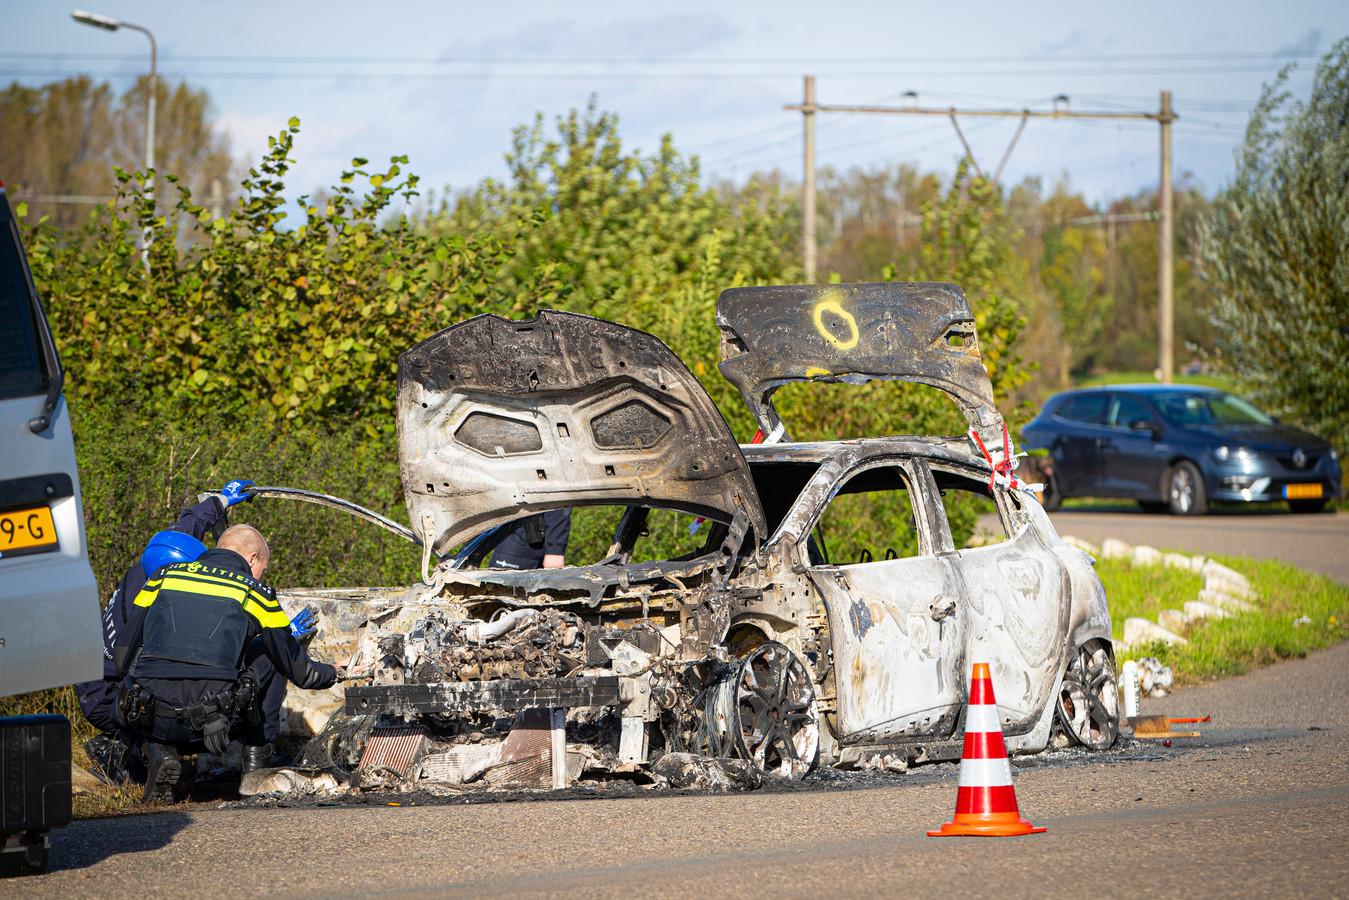 Foto's die de politie zaterdag maakte bij een uitgebrande auto aan de IJsselcentraleweg zijn ook verdwenen door de diefstal van de camera.